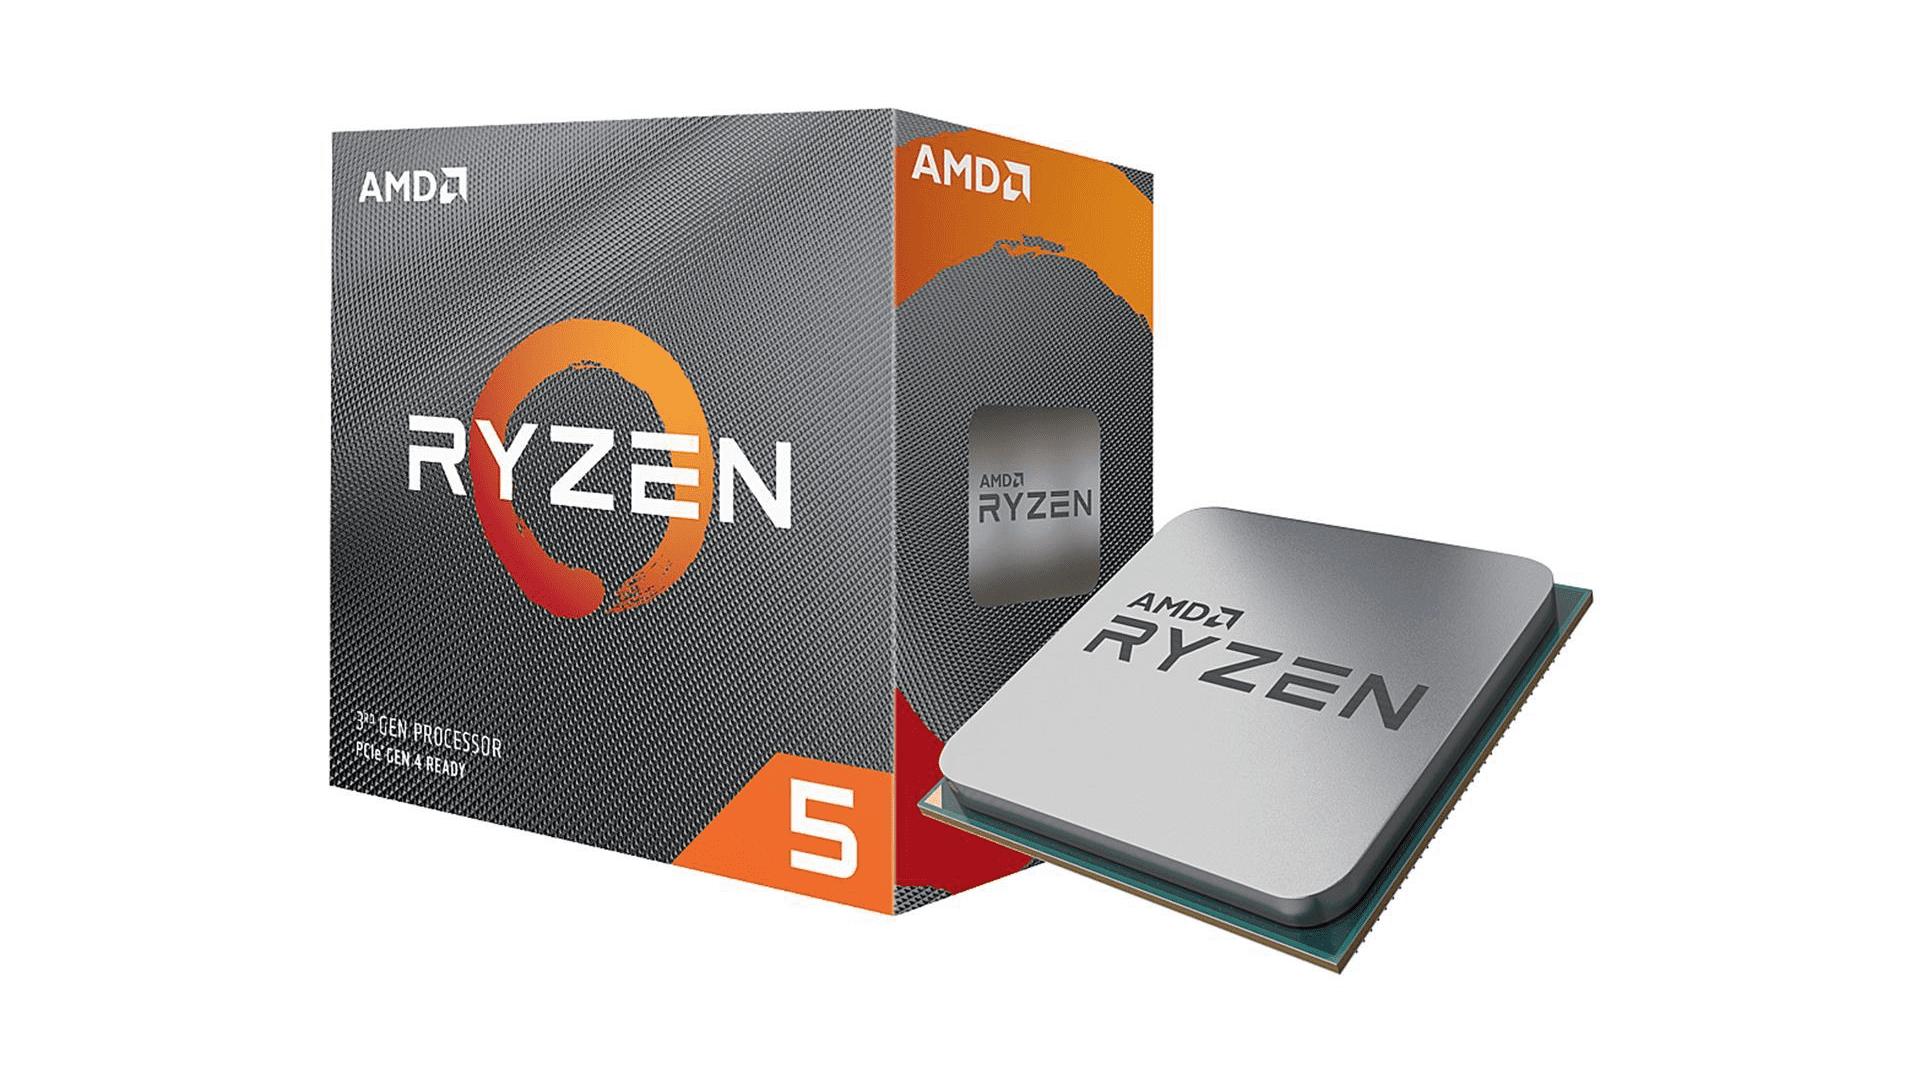 O Ryzen 5 3500X é um processador feito para jogos (Foto: Divulgação/AMD)